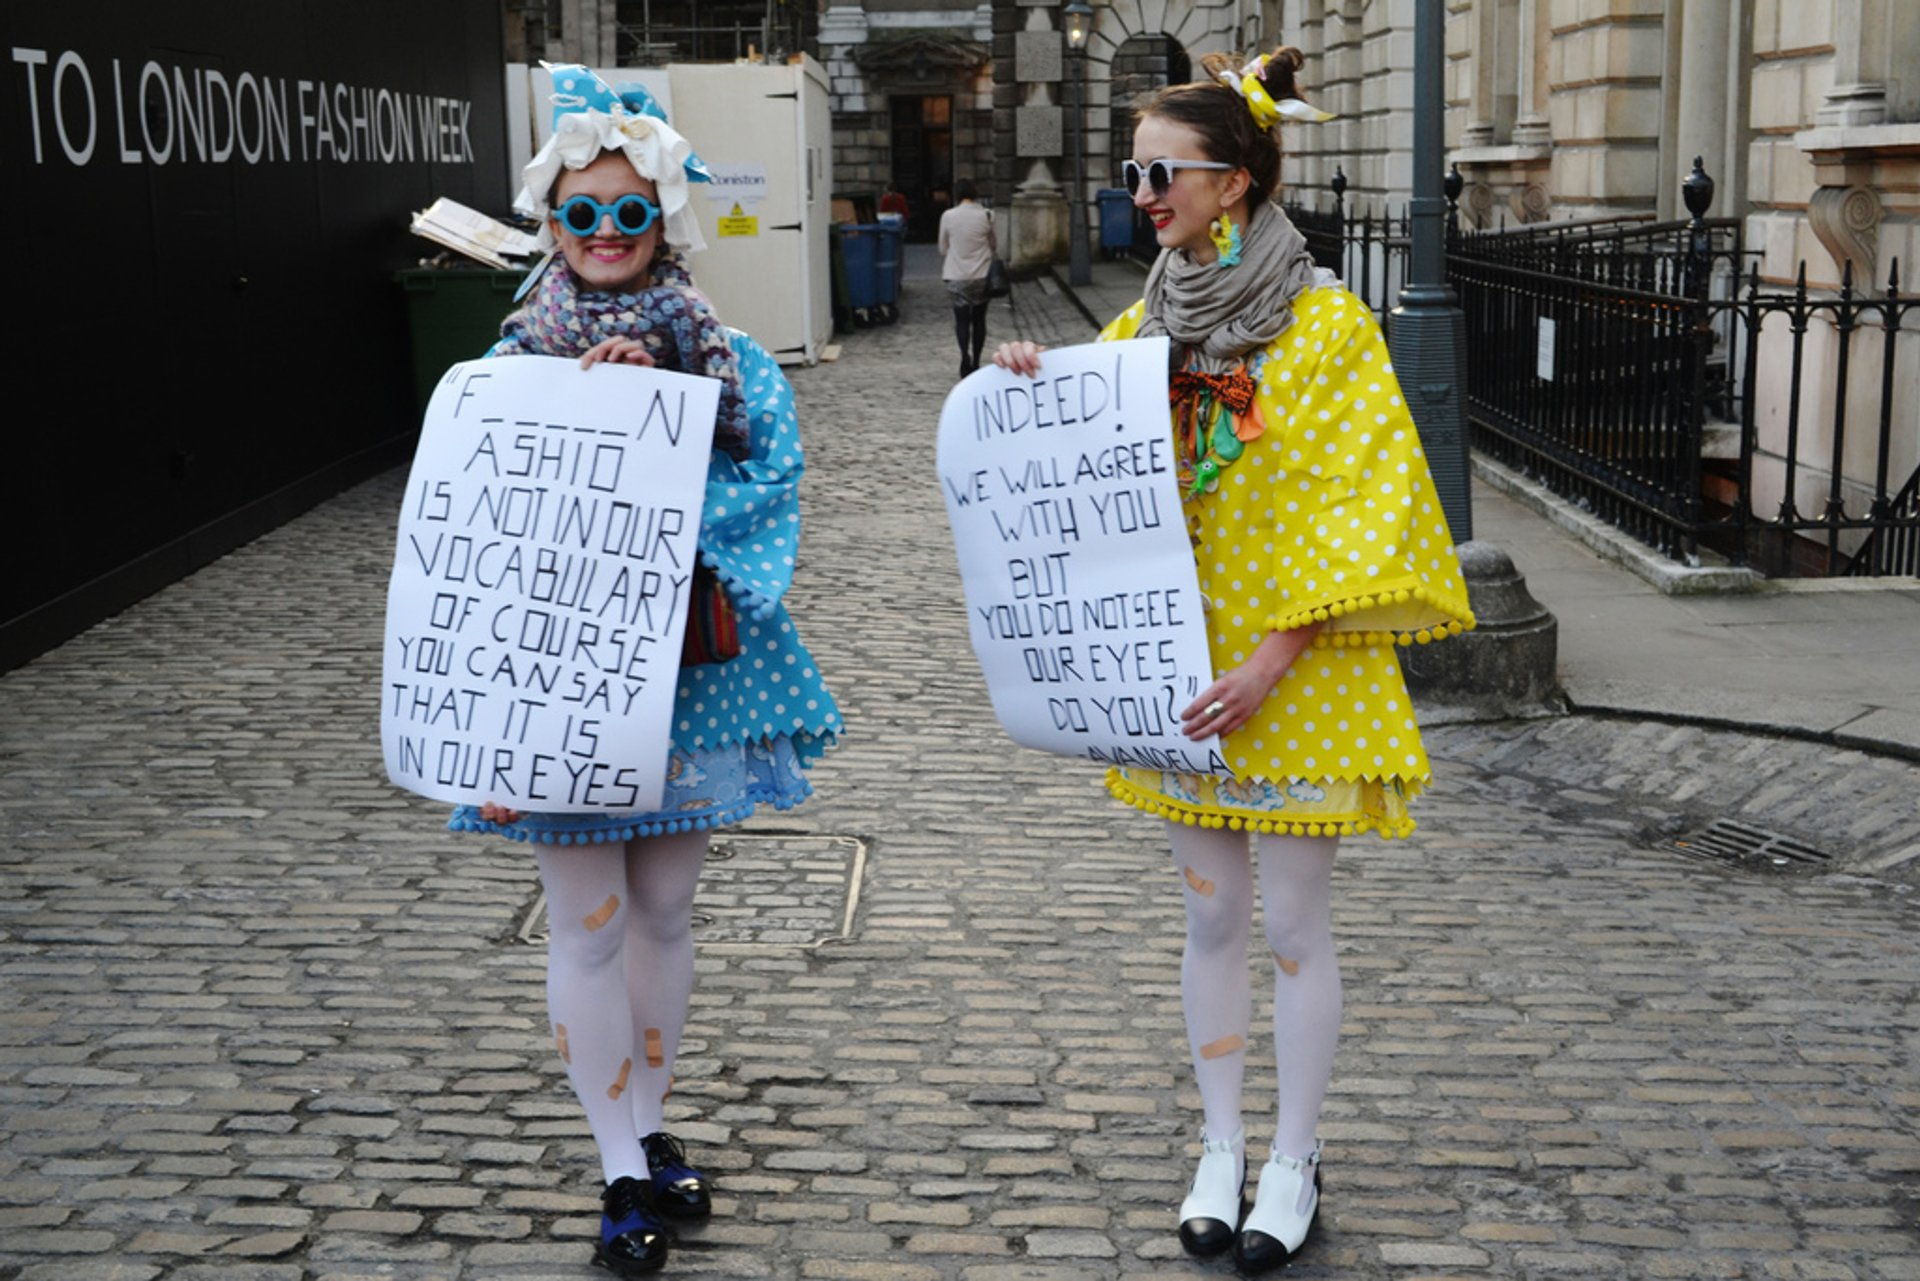 London Fashion Week in London - Best Season 2020